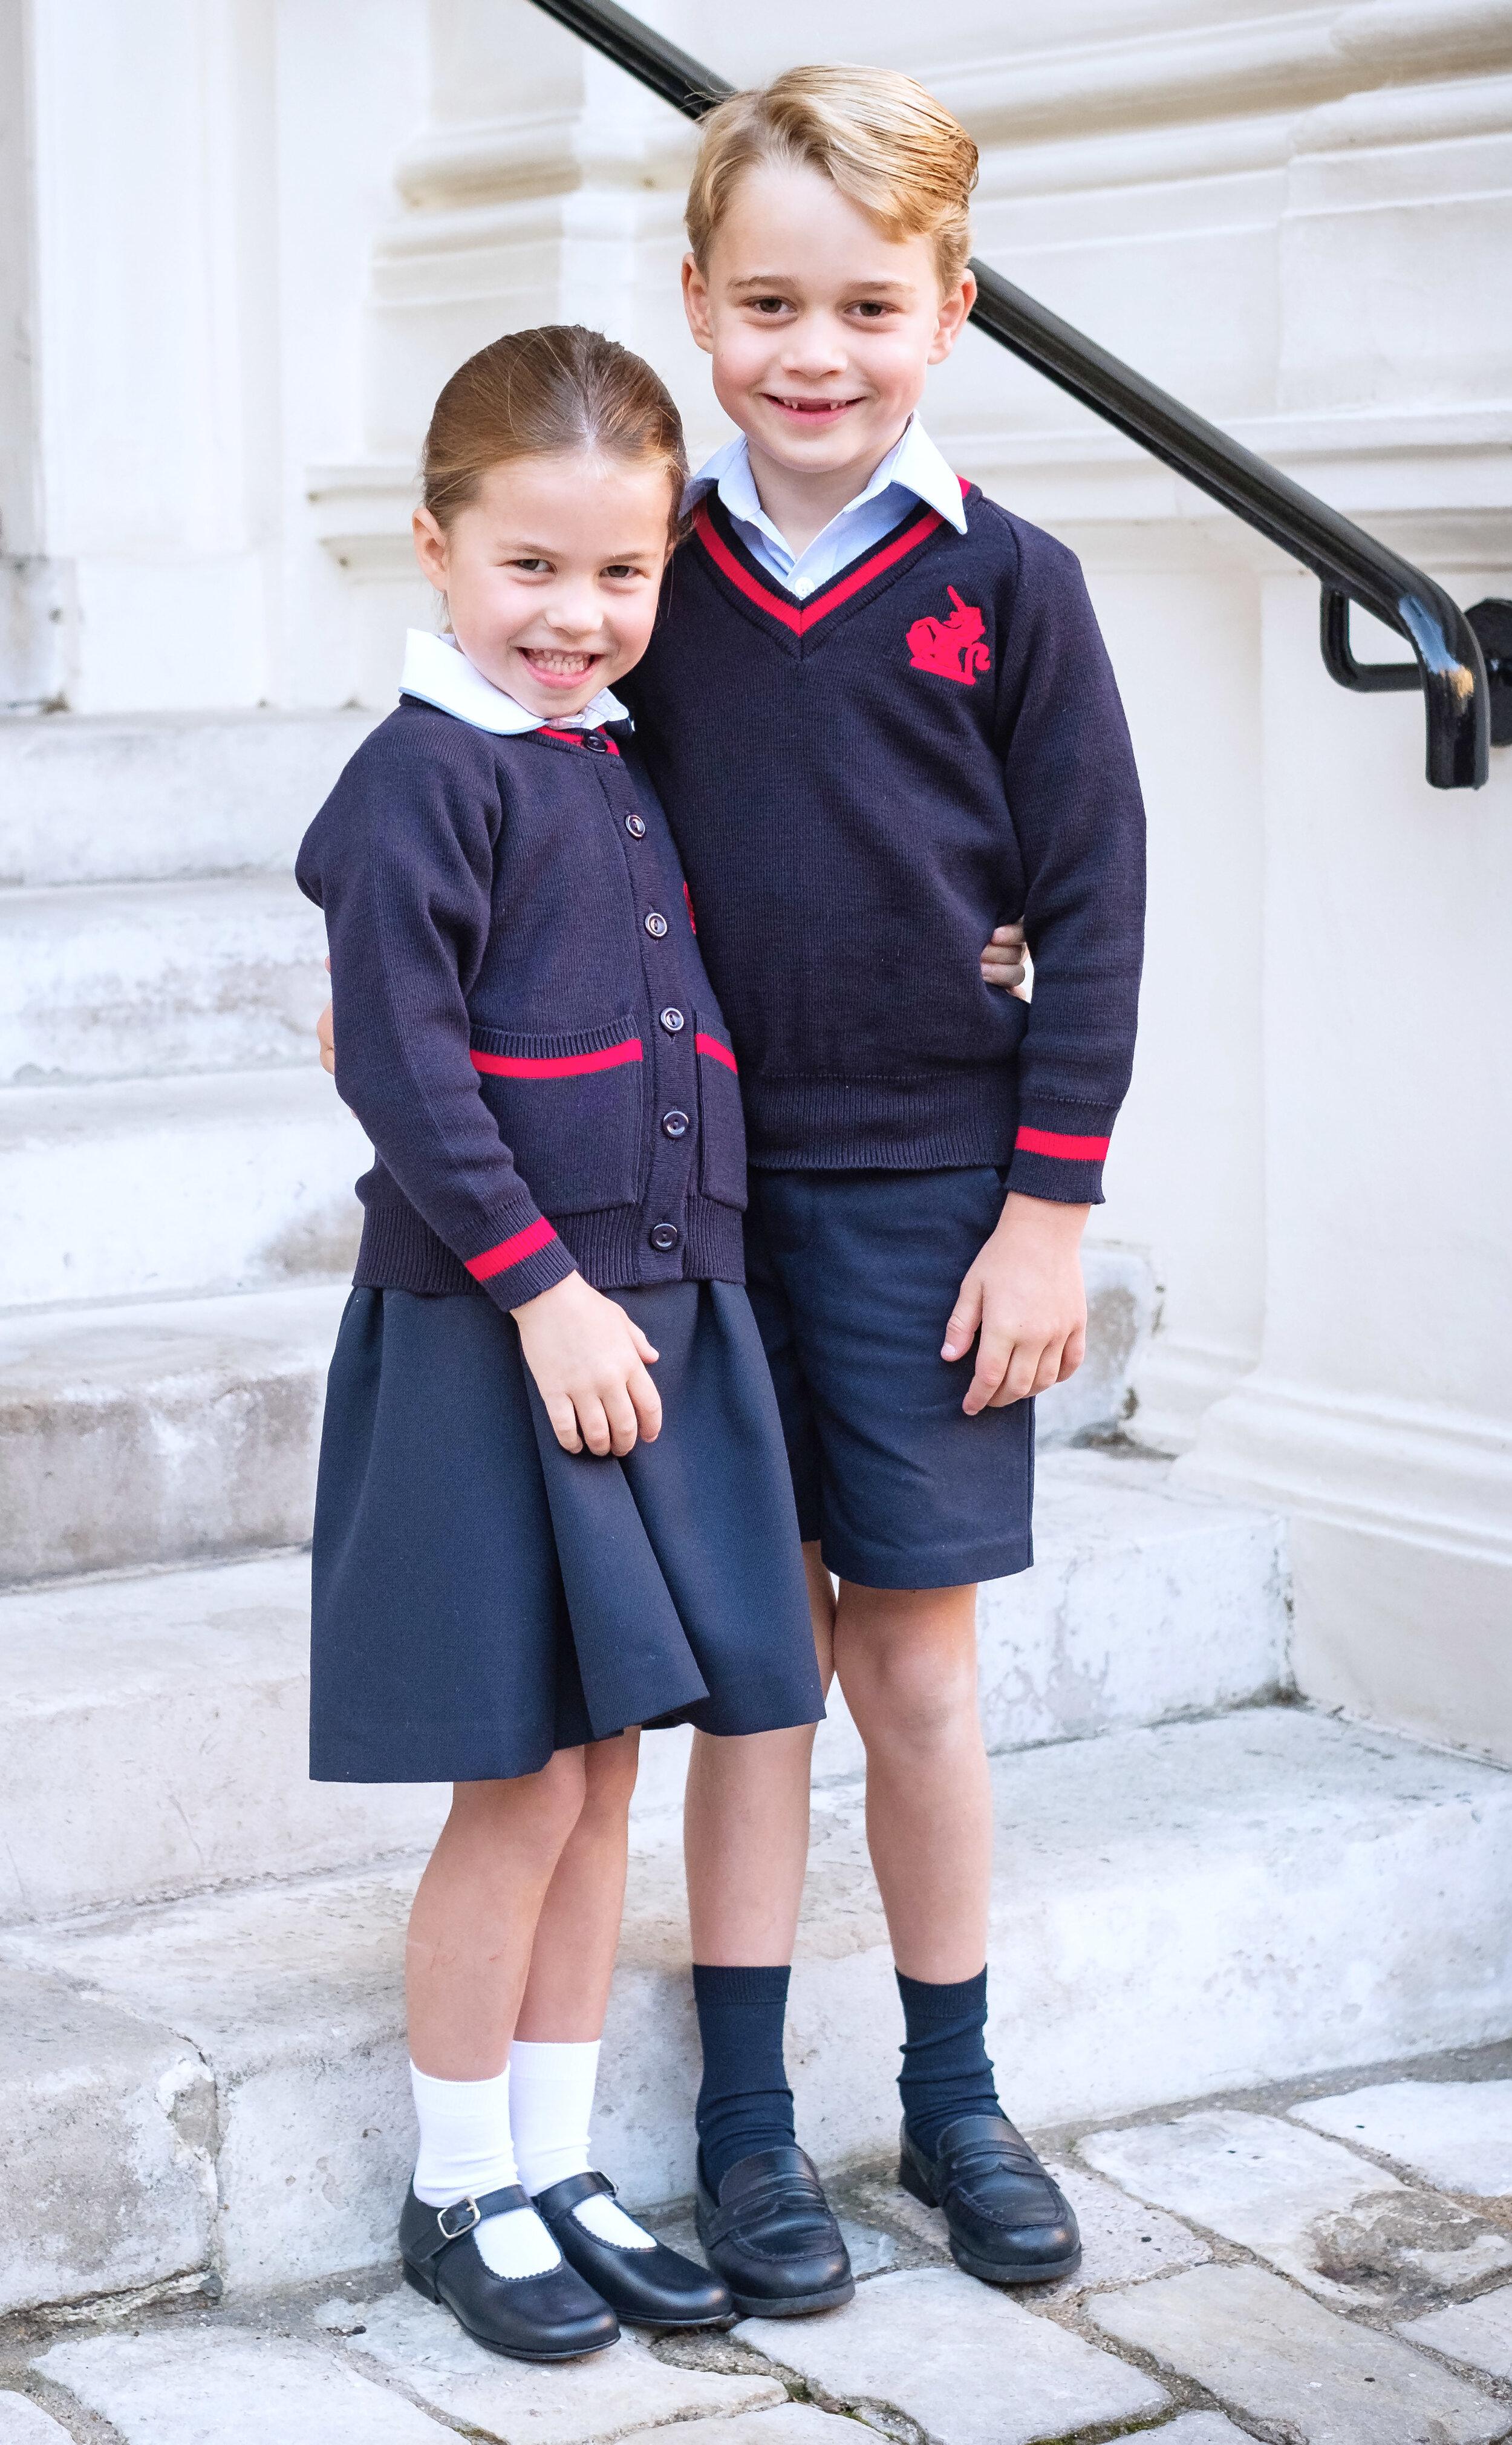 Prinzessin Charlotte und Prinz George haben die Fußballleidenschaft von Papa Prinz William geerbt.  ©picture alliance/AdMedia